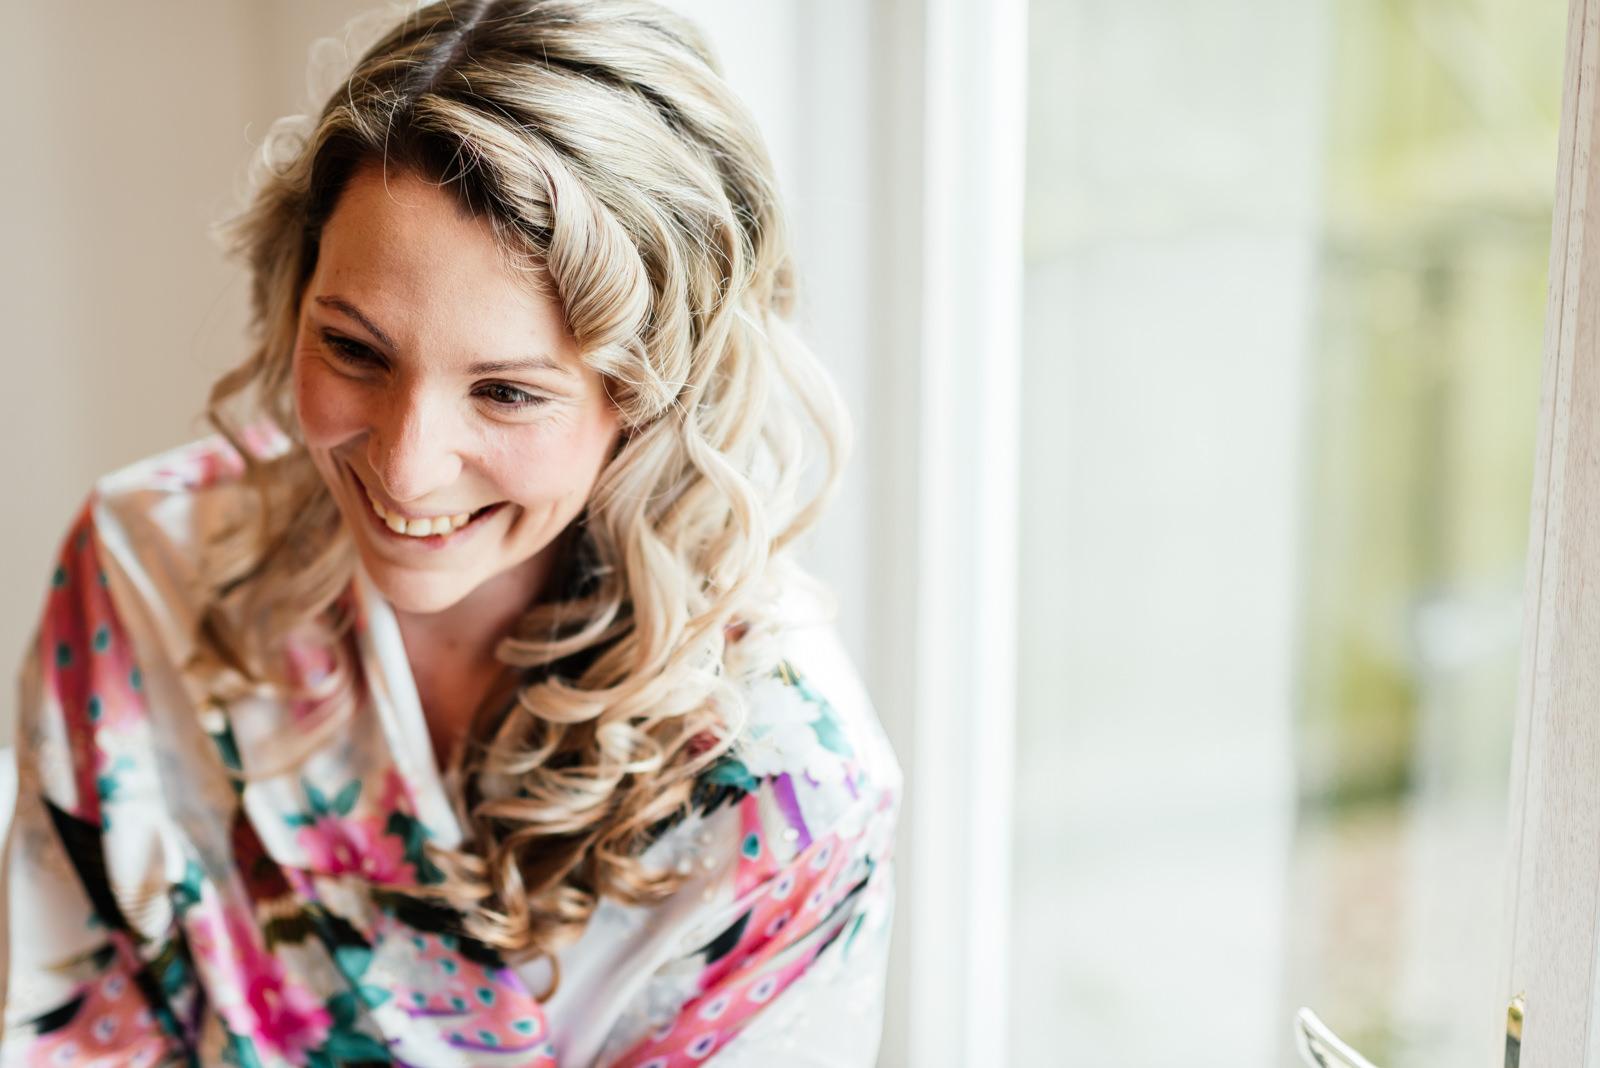 bride smiling during make-up for wedding